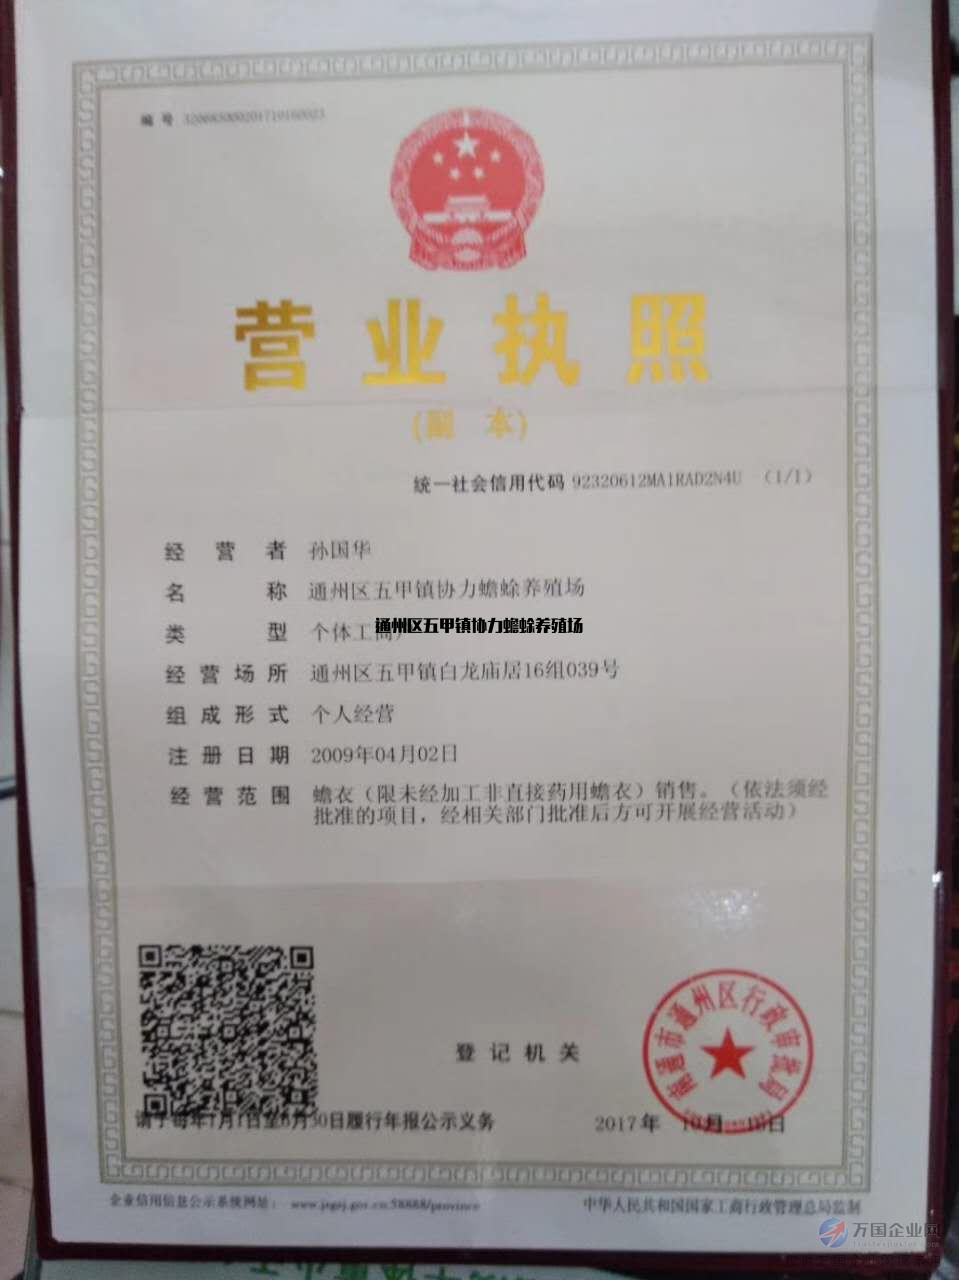 蟾蜍养殖前景及价格 通州区五甲镇蟾蜍养殖场技术培训